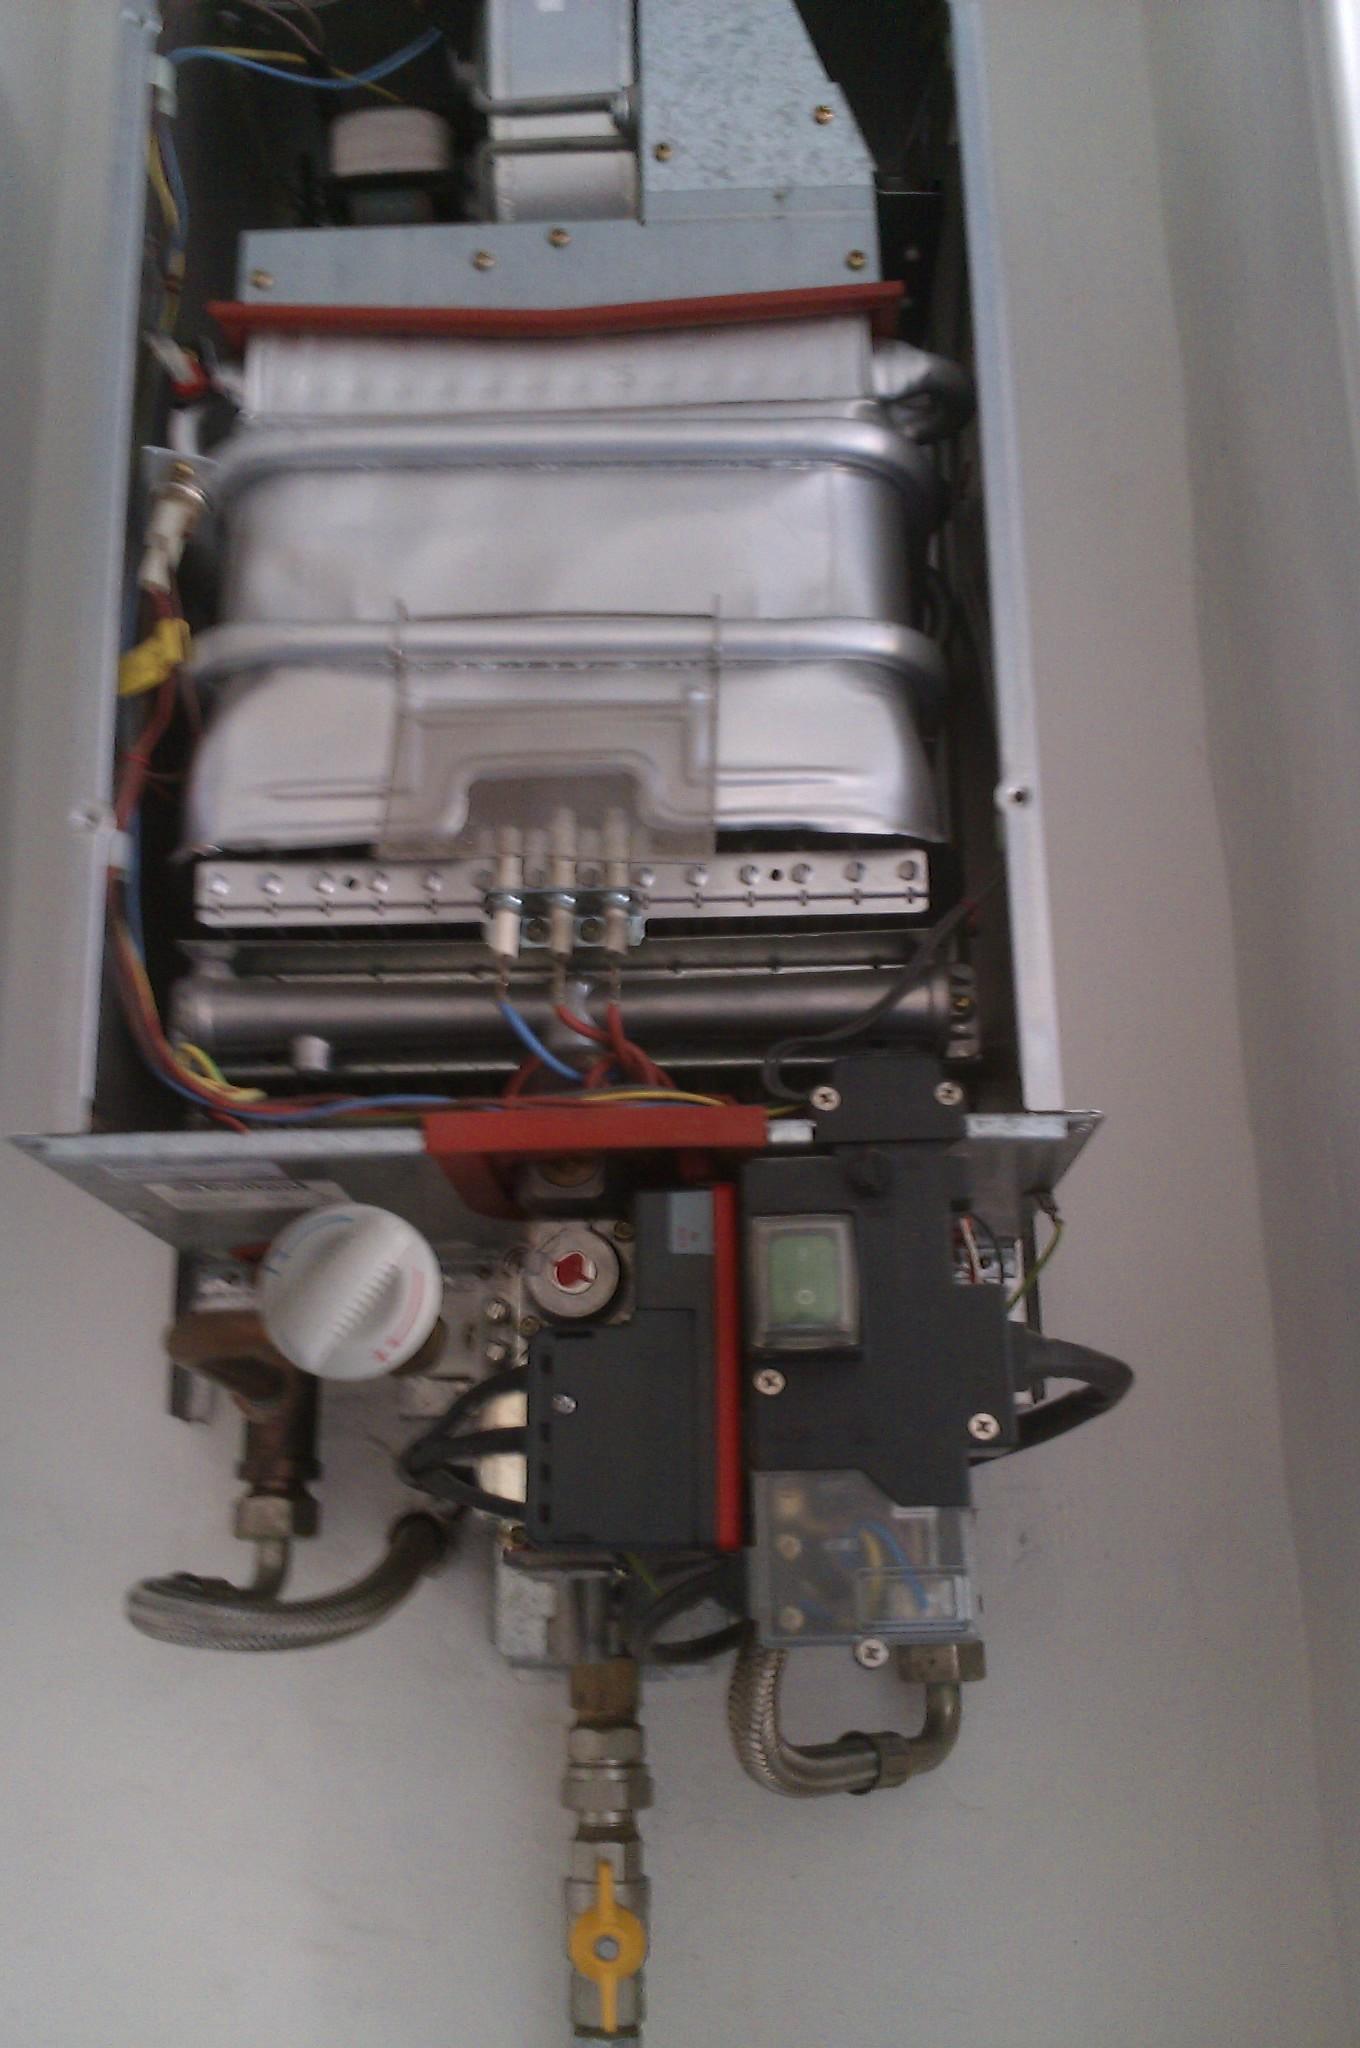 Scaldabagno a gas vaillant problemi condizionatore - Scaldabagno vaillant non si accende ...